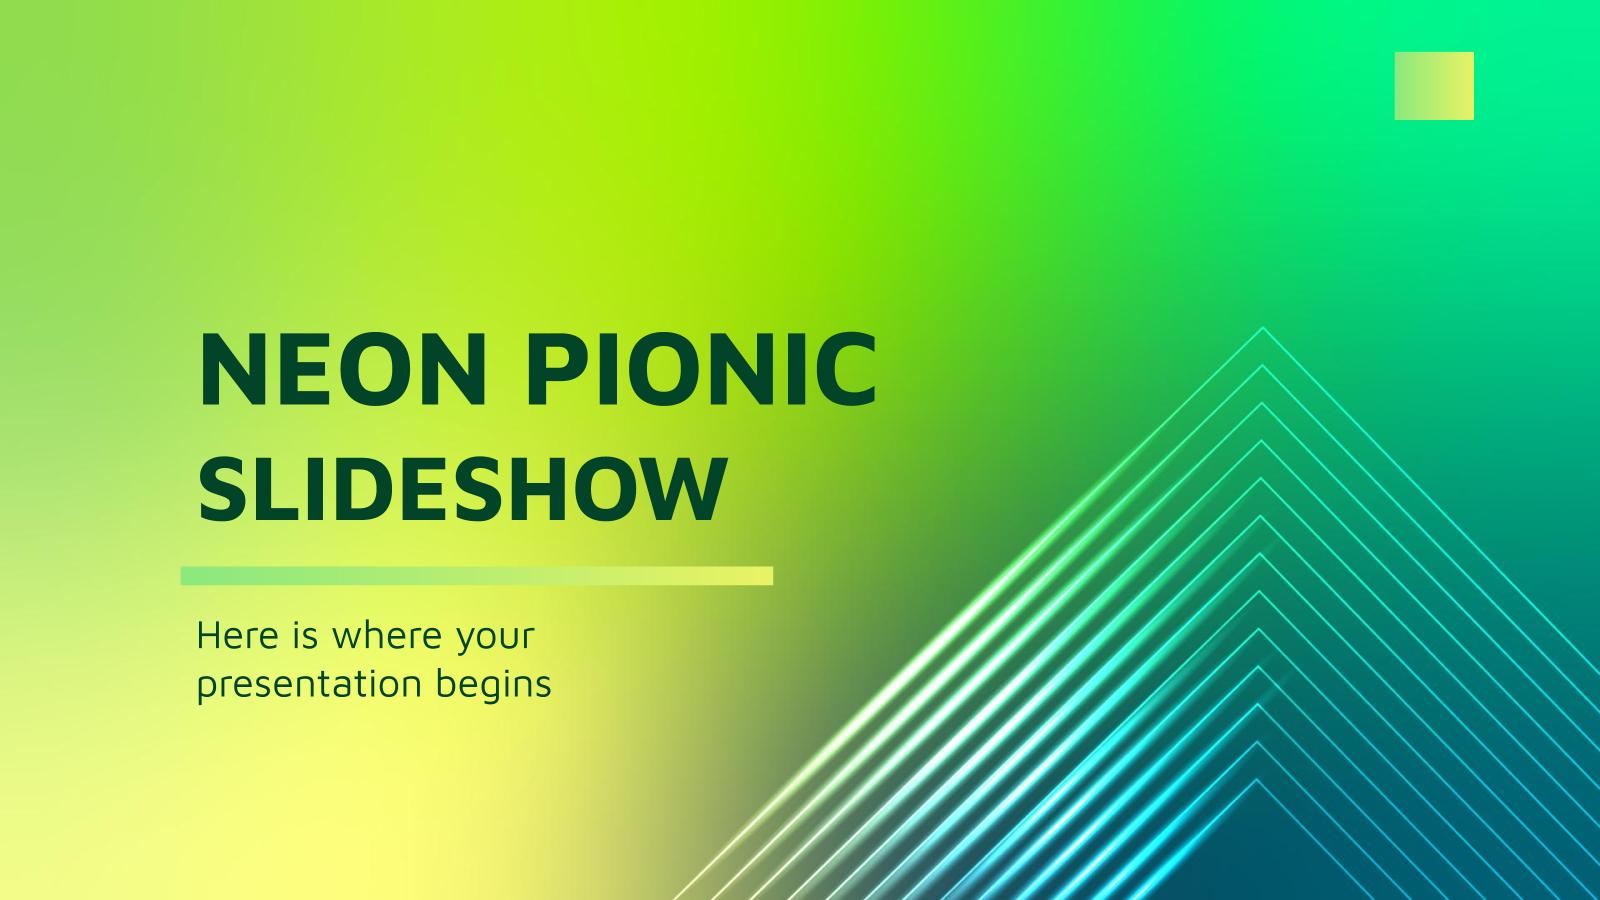 Modelo de apresentação Apresentação Pionic Neon